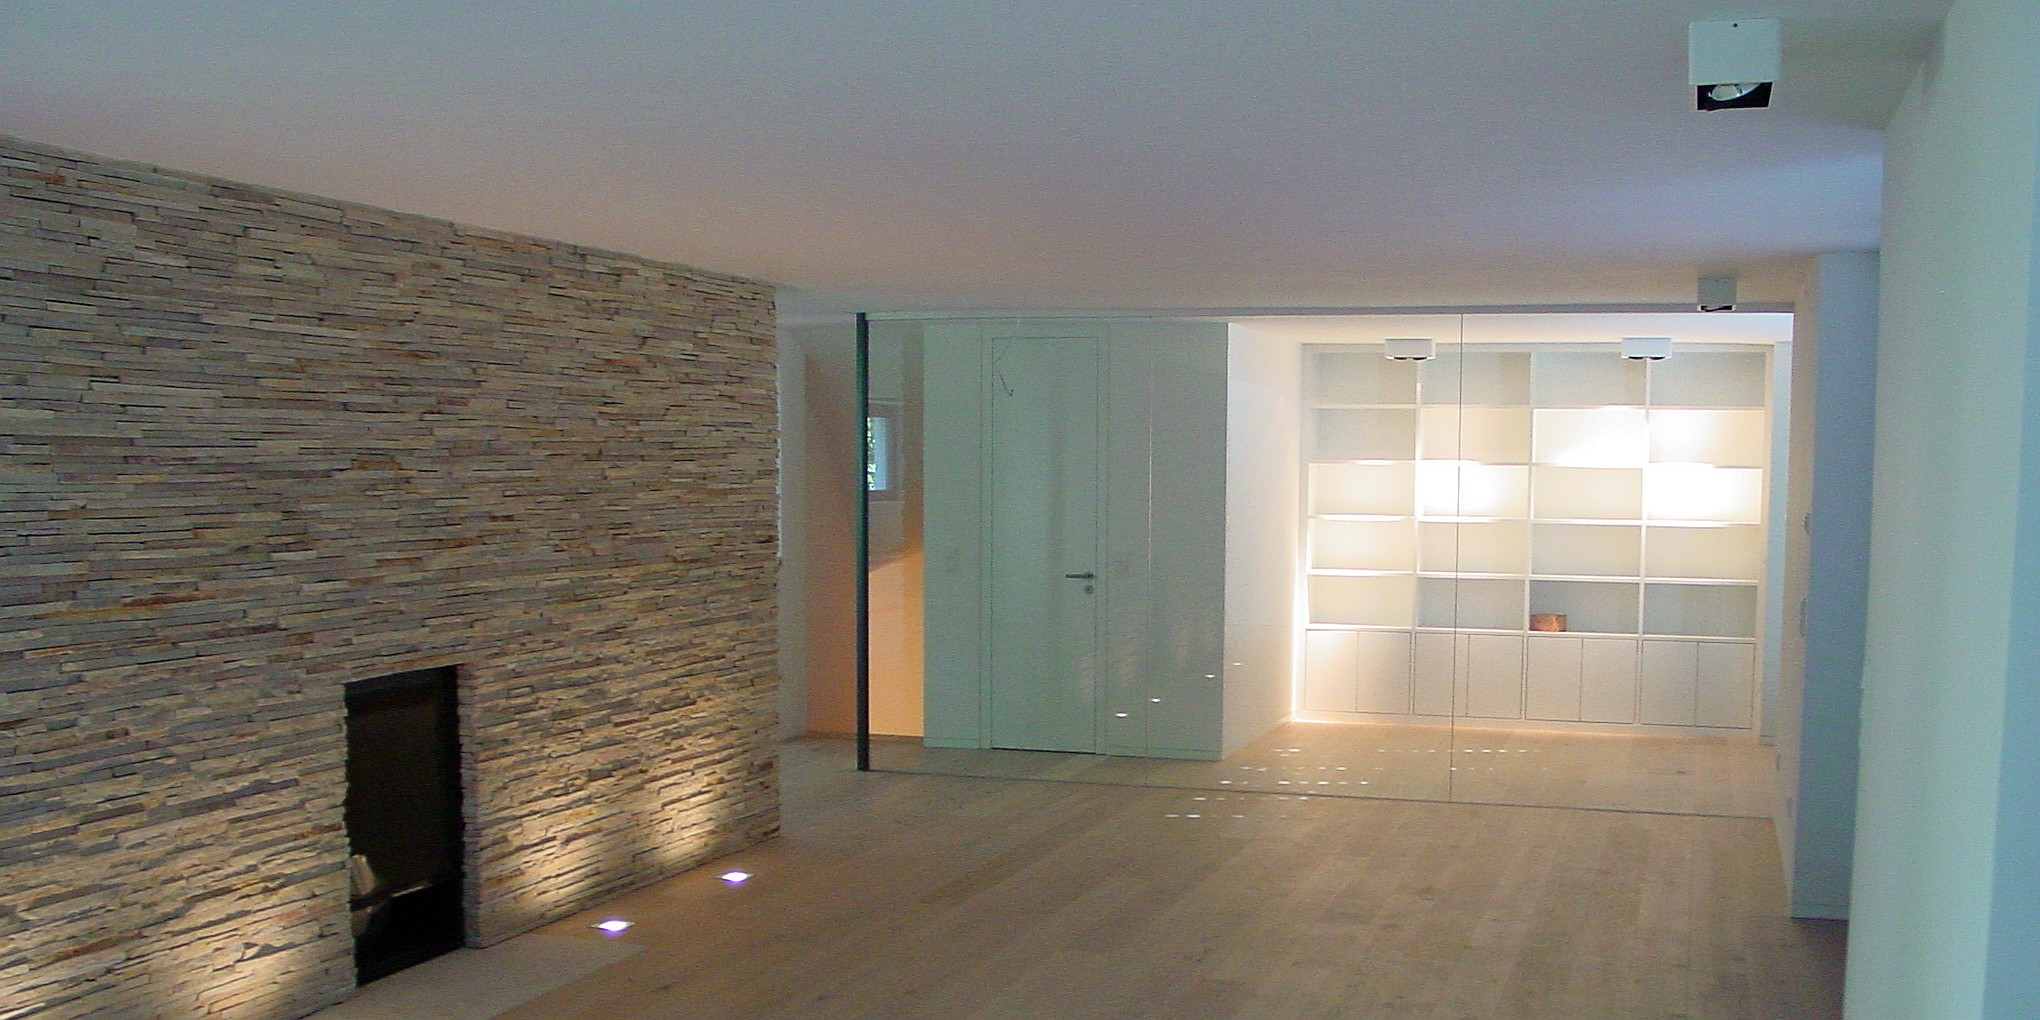 Umbau Einfamilienhaus, energetische Sanierung – Bad-Homburg, Frick.Reichert Architekten